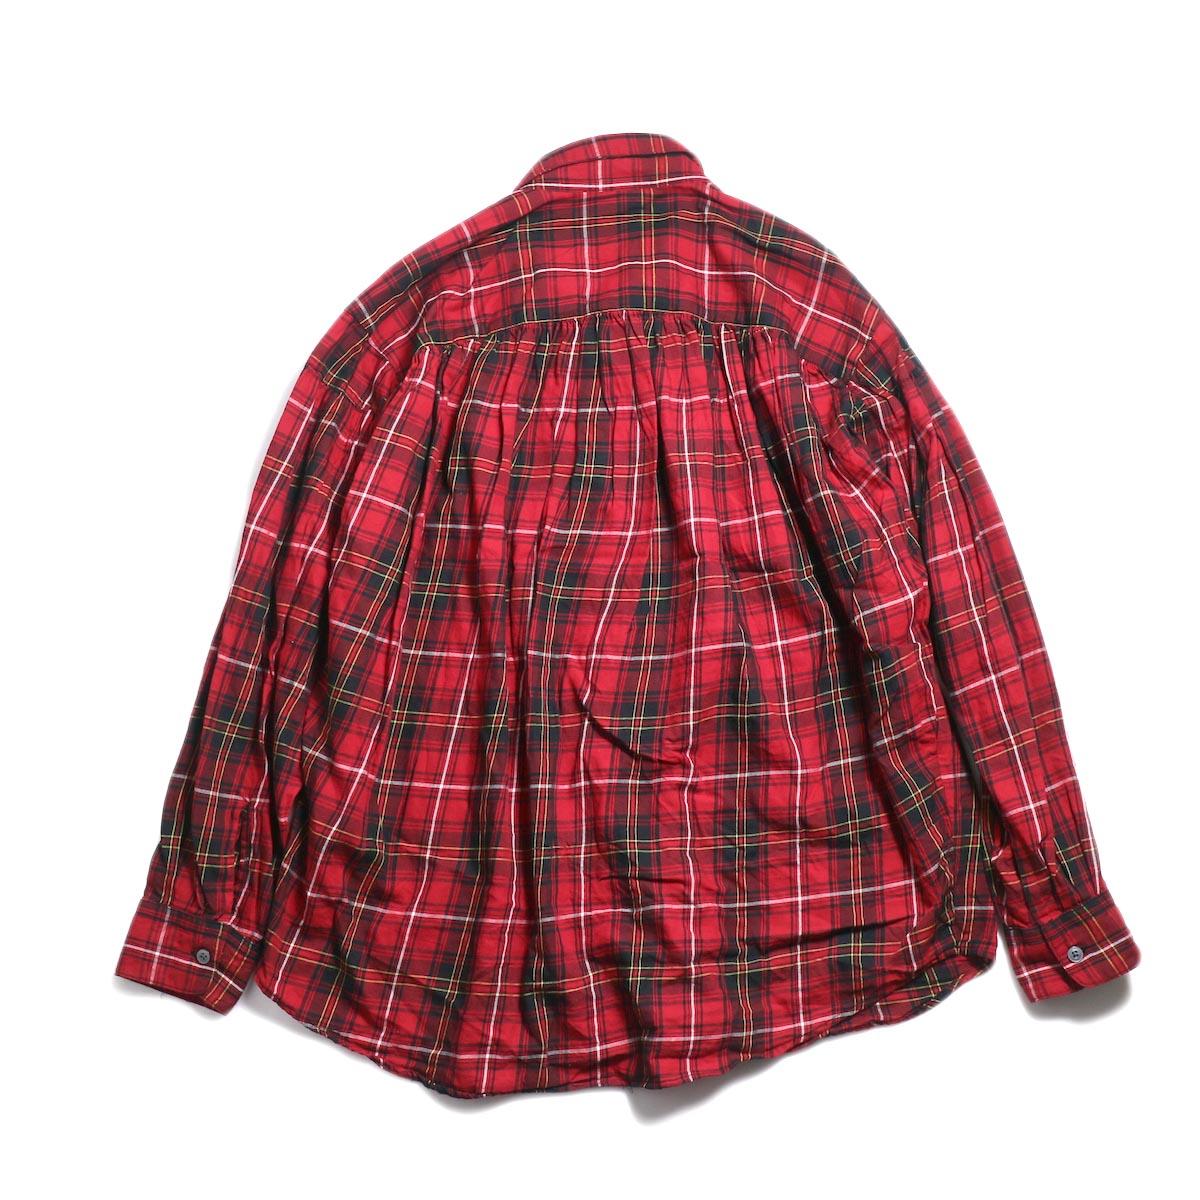 AiE / Painter Shirt -Cotton Tartan Check (Red) 背面